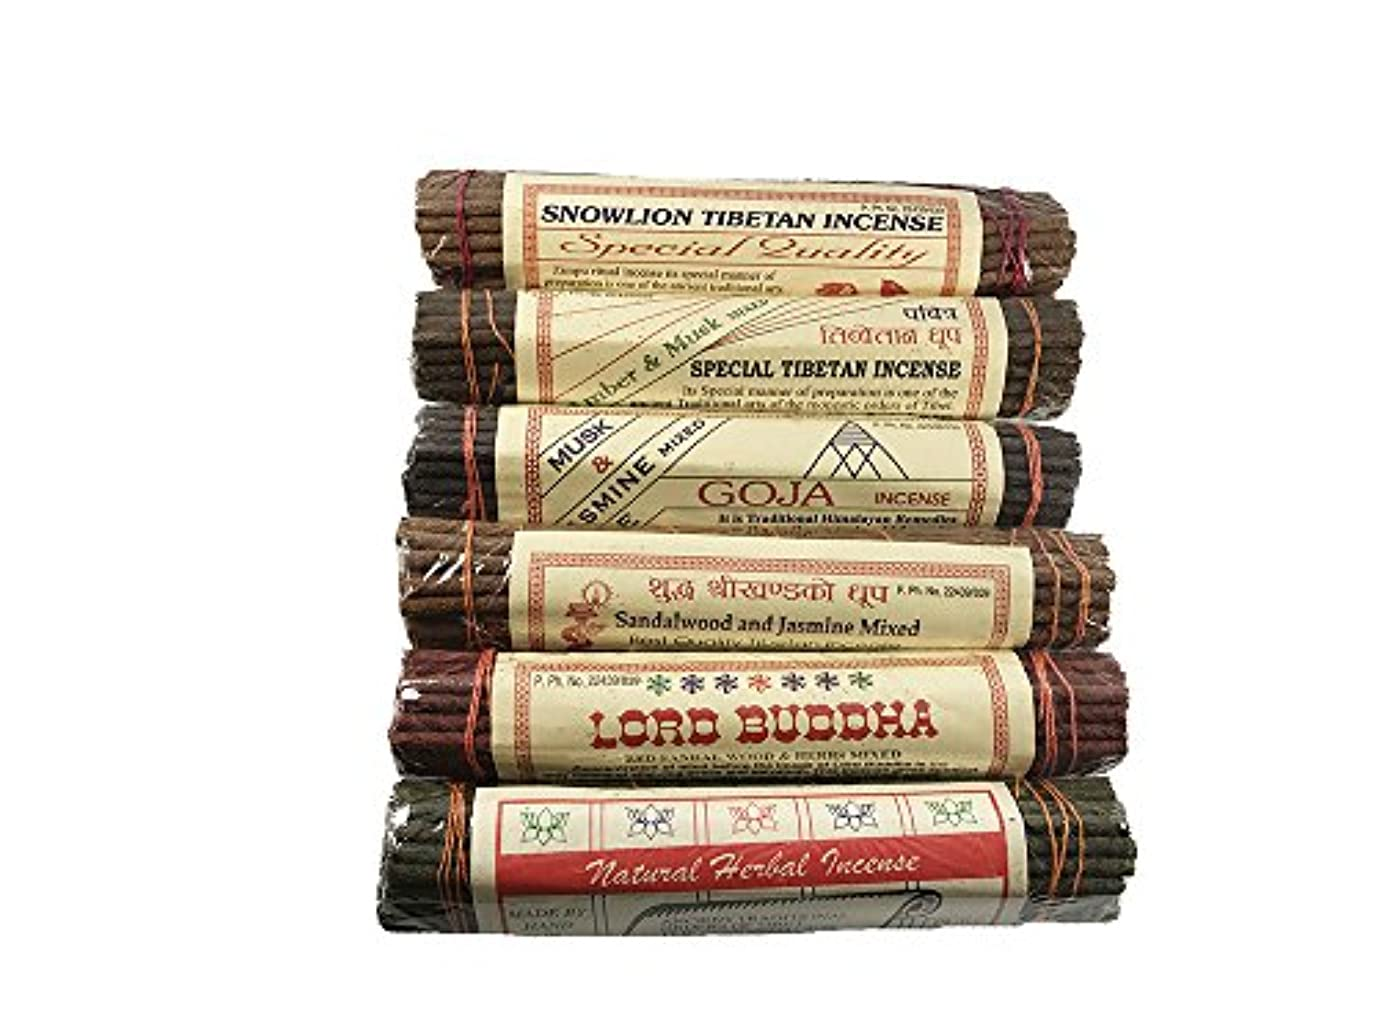 ヶ月目検査官下着チャンドラDeviチベットIncense Sticks組み合わせパック – Incenseからチベット( 6パック)